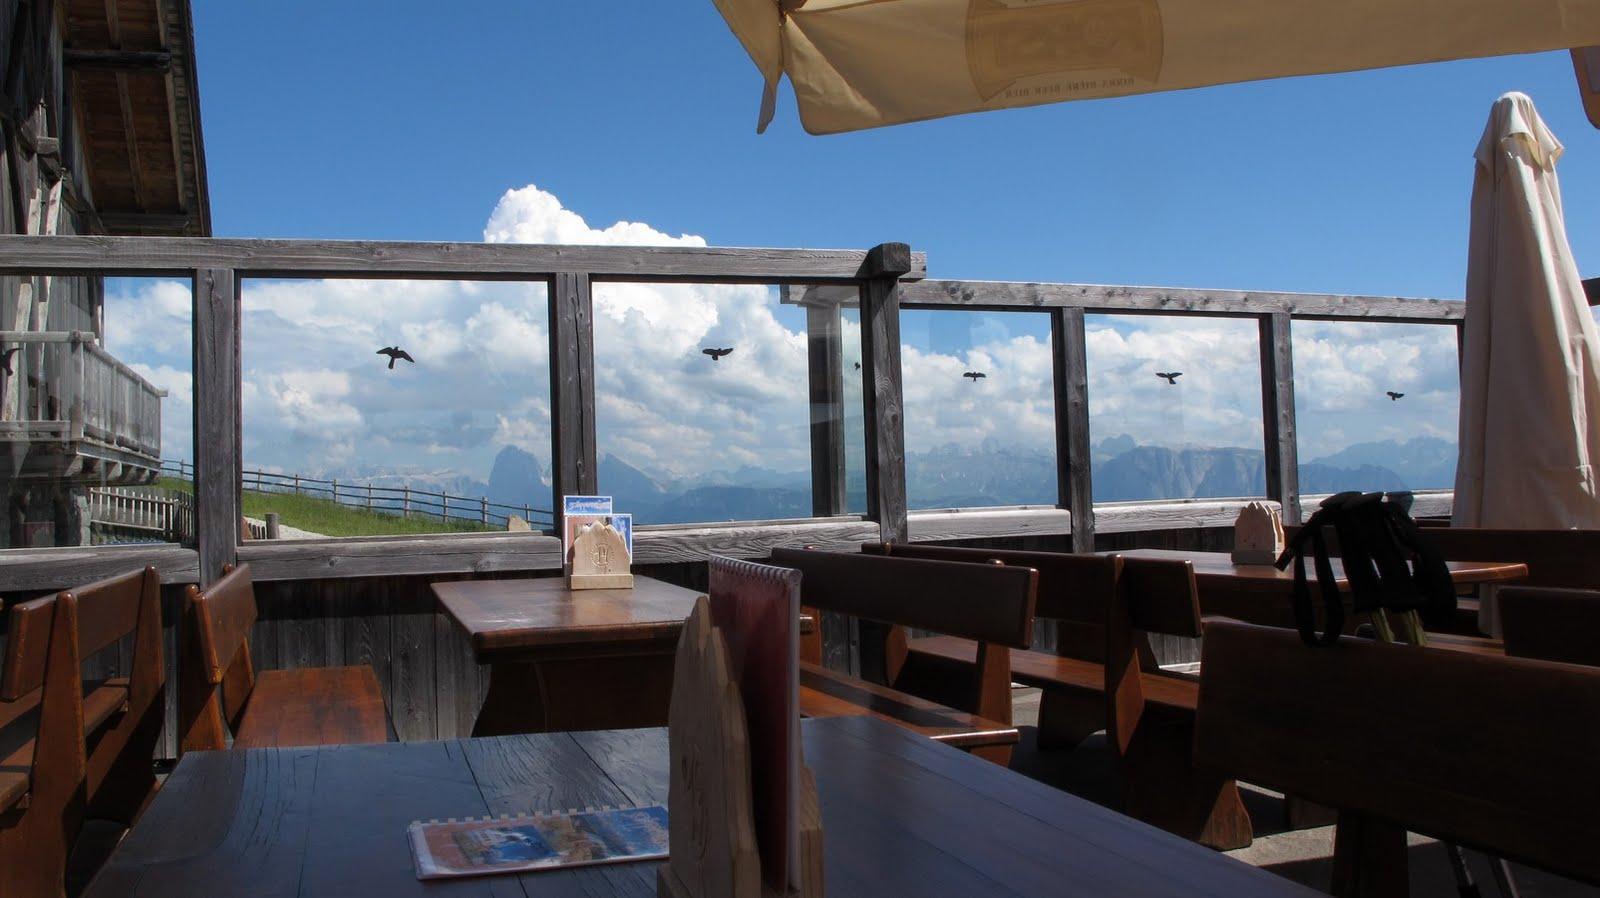 Terre alte latzfons kreus e cima di san cassiano for Piccoli piani di baite